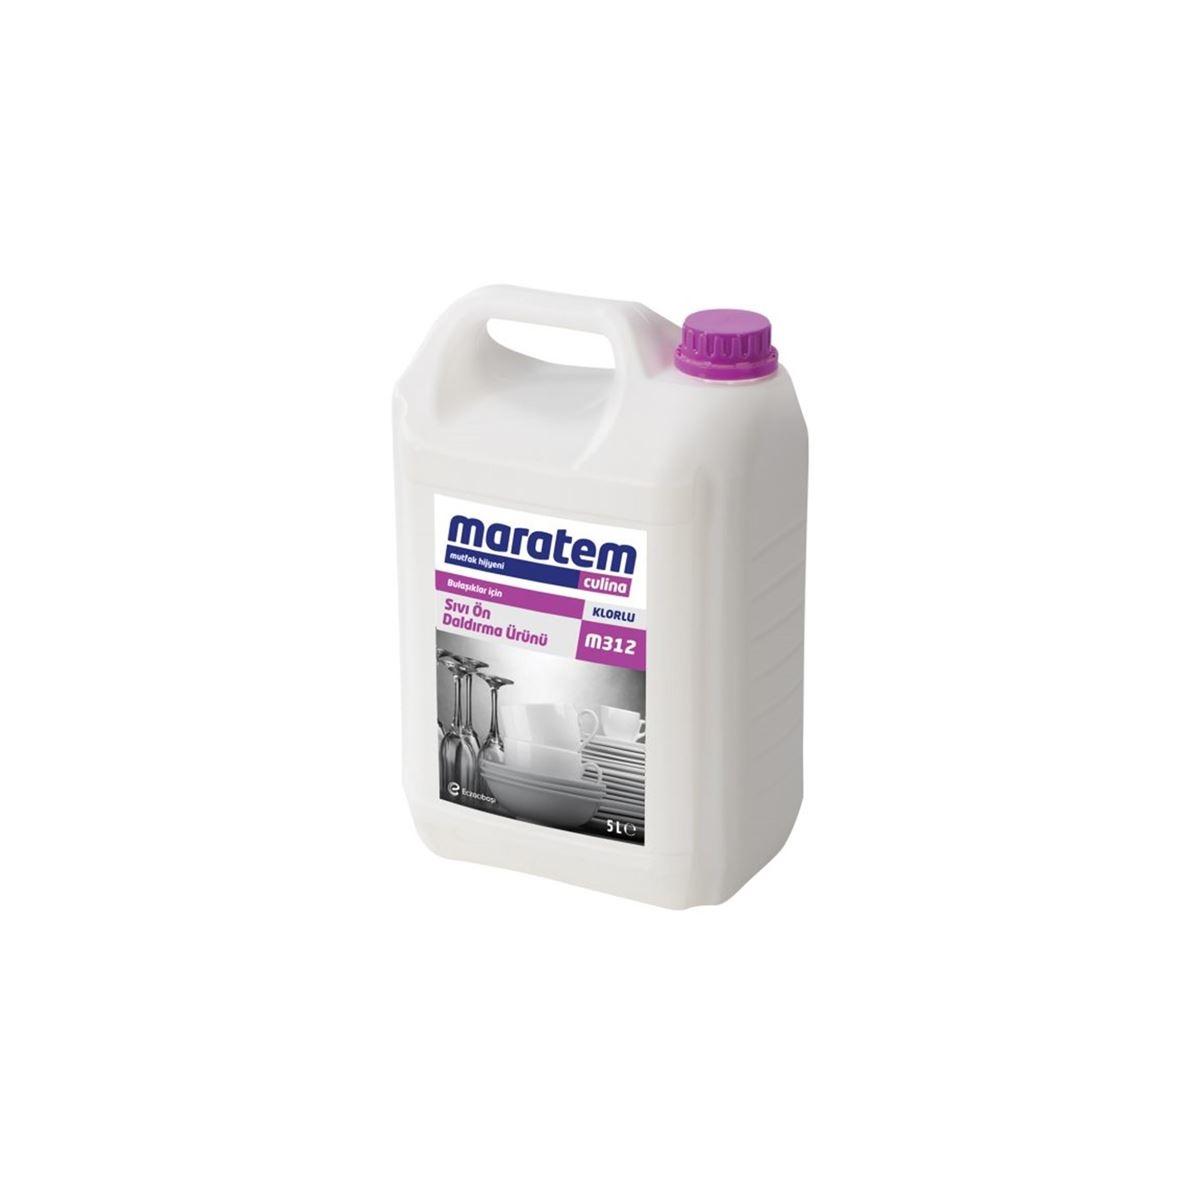 Maratem M312 Sıvı Ön Daldırma Ürünü 5kg resmi